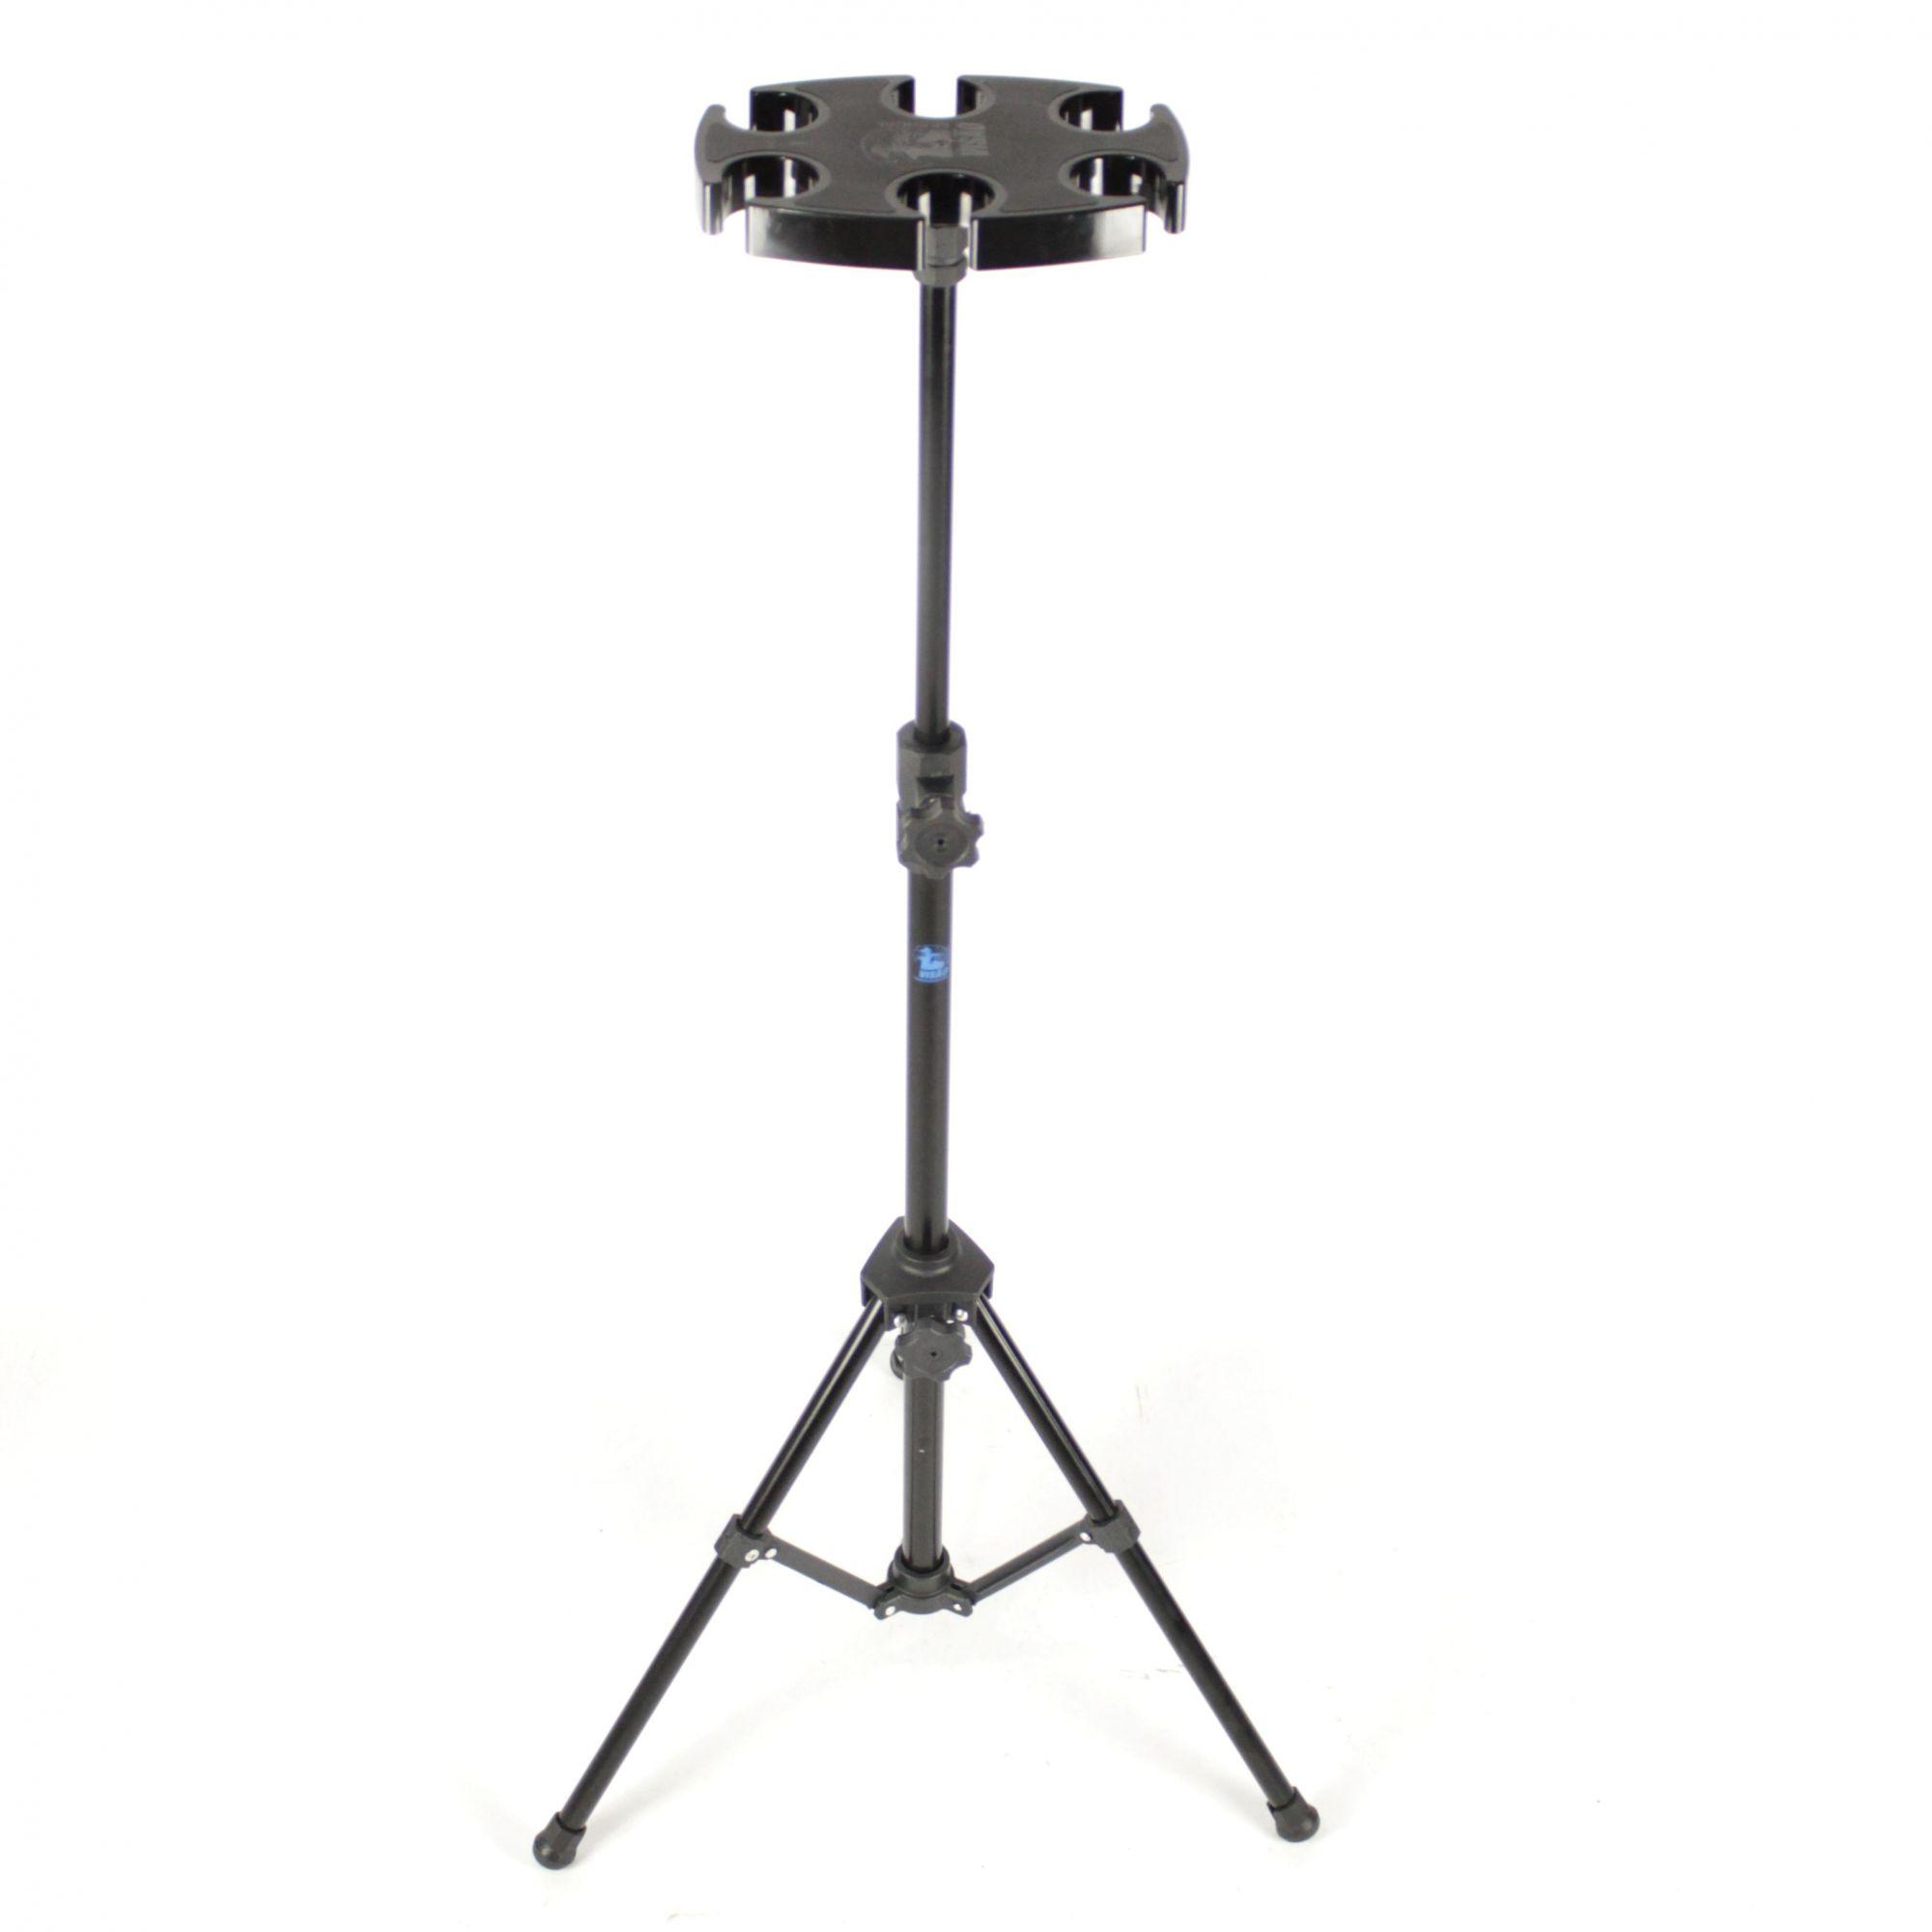 Pedestal de Descanso para 6 Microfones com Base Injetada Visão - VDEM-02BK